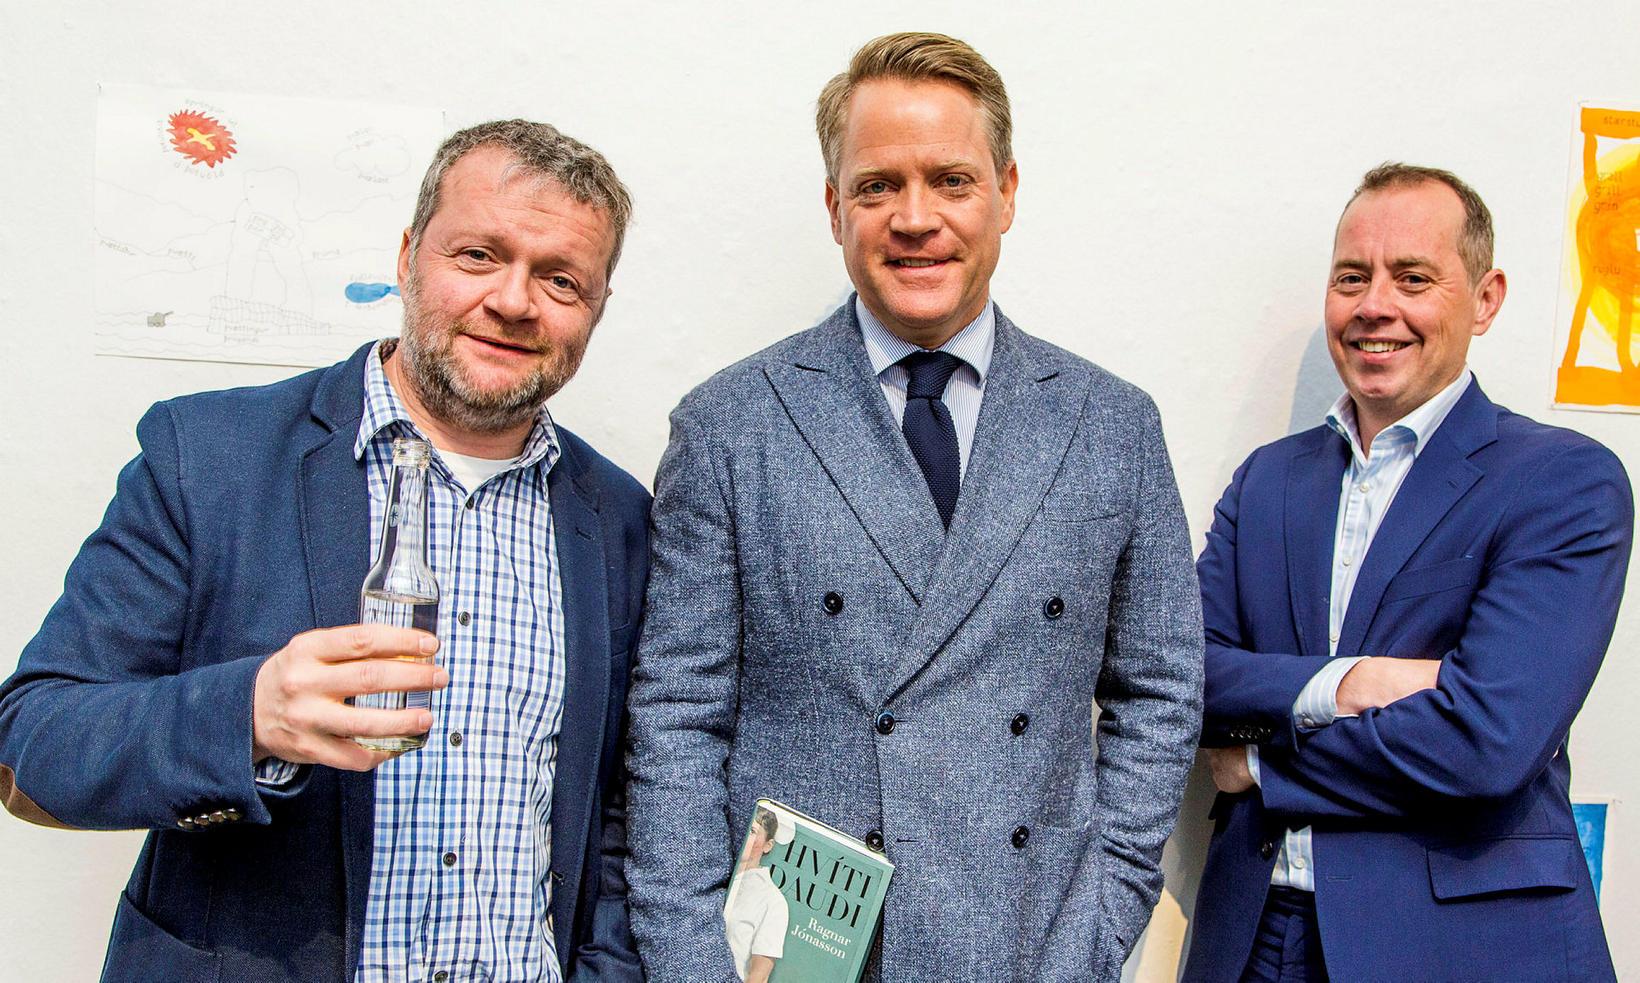 Börkur Gunnarsson, Heiðar Guðjónsson og Halldór Högnason.